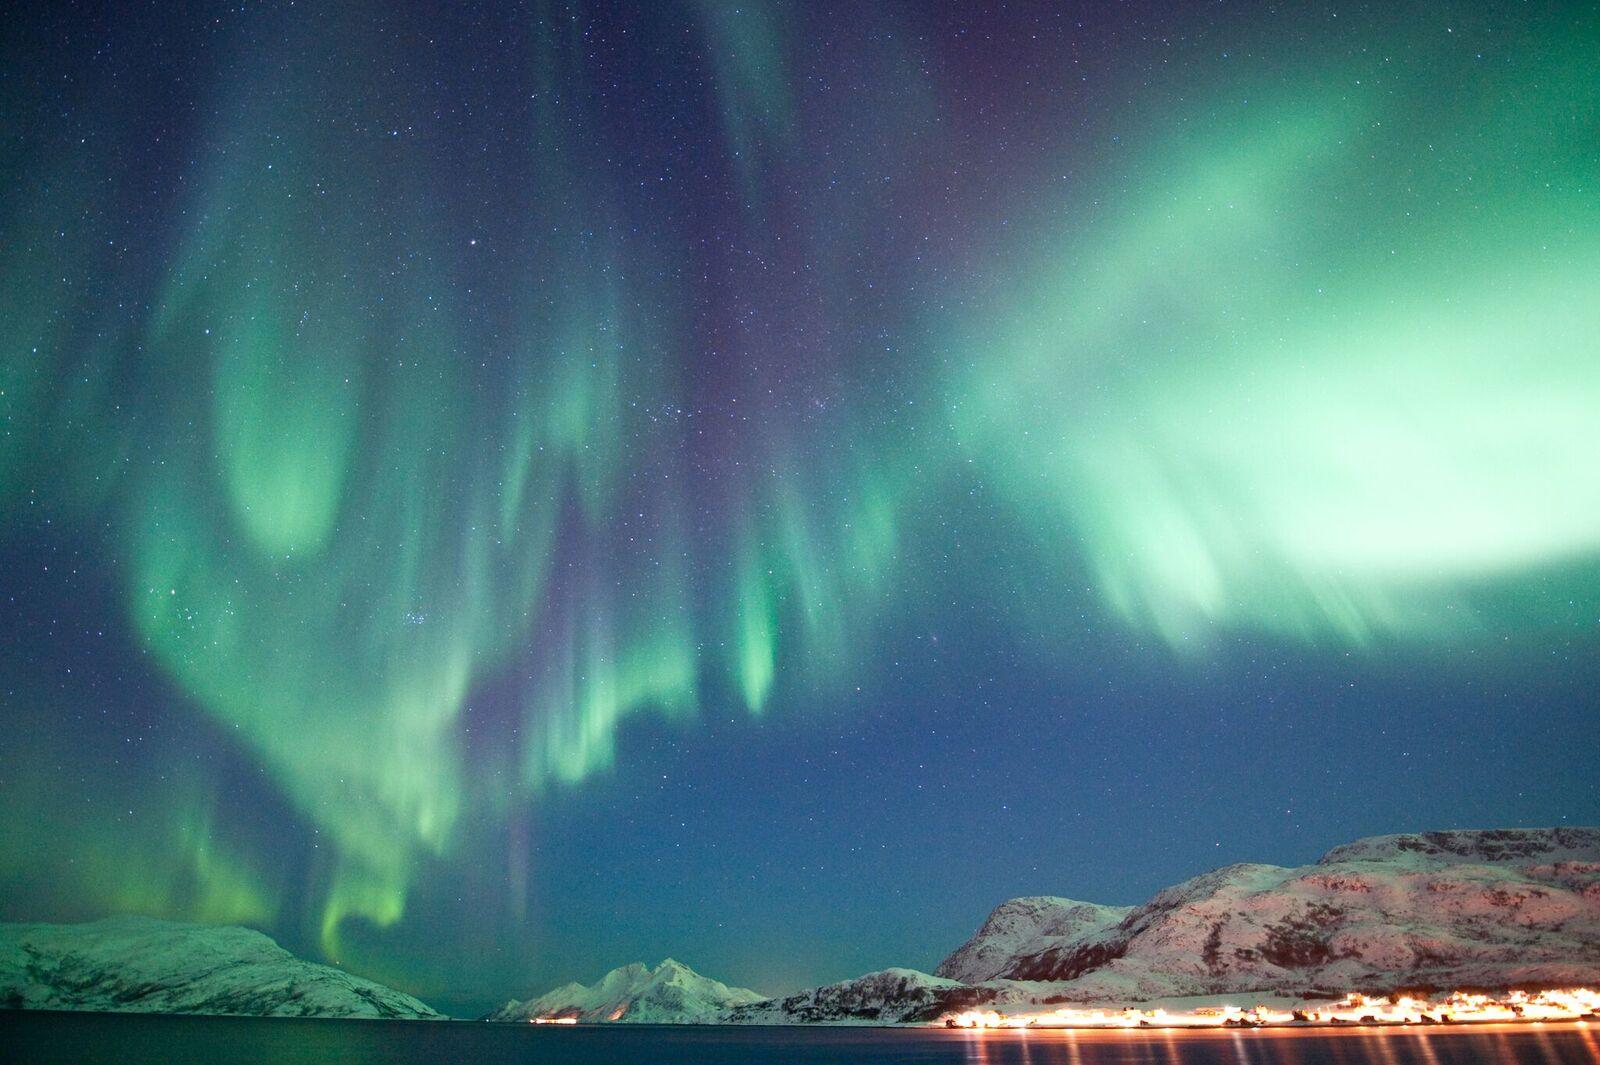 Foto: Gaute Bruvik /www.nordnorge.com